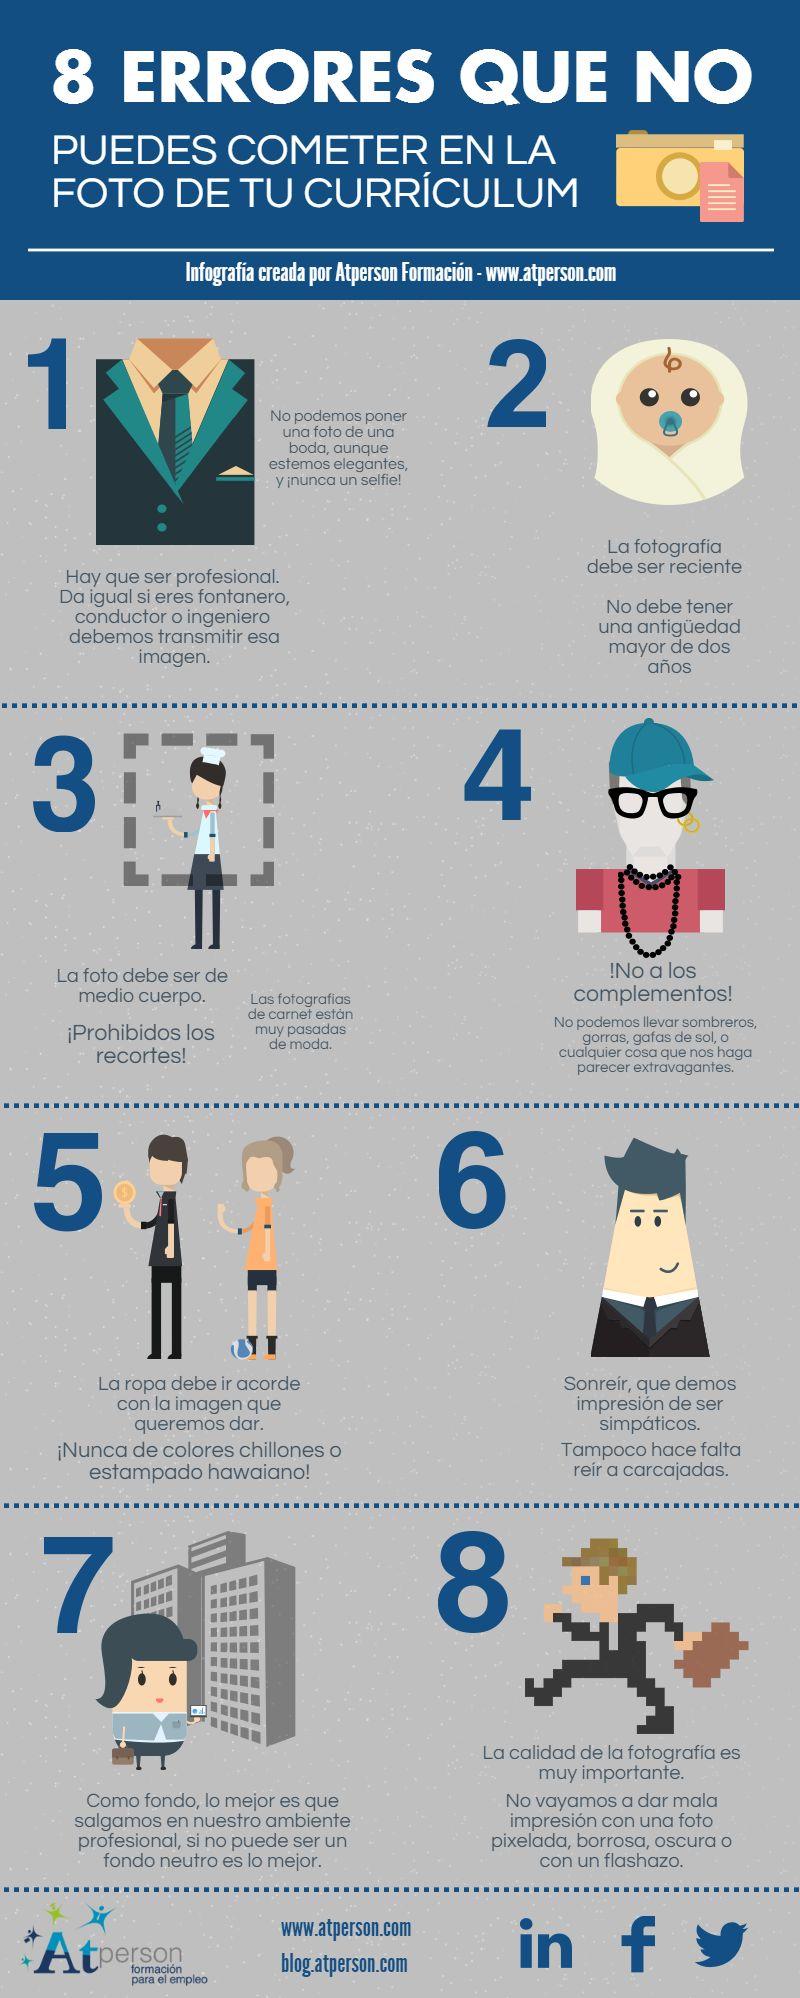 8 errores a evitar en tu foto del Currículum (infografía)